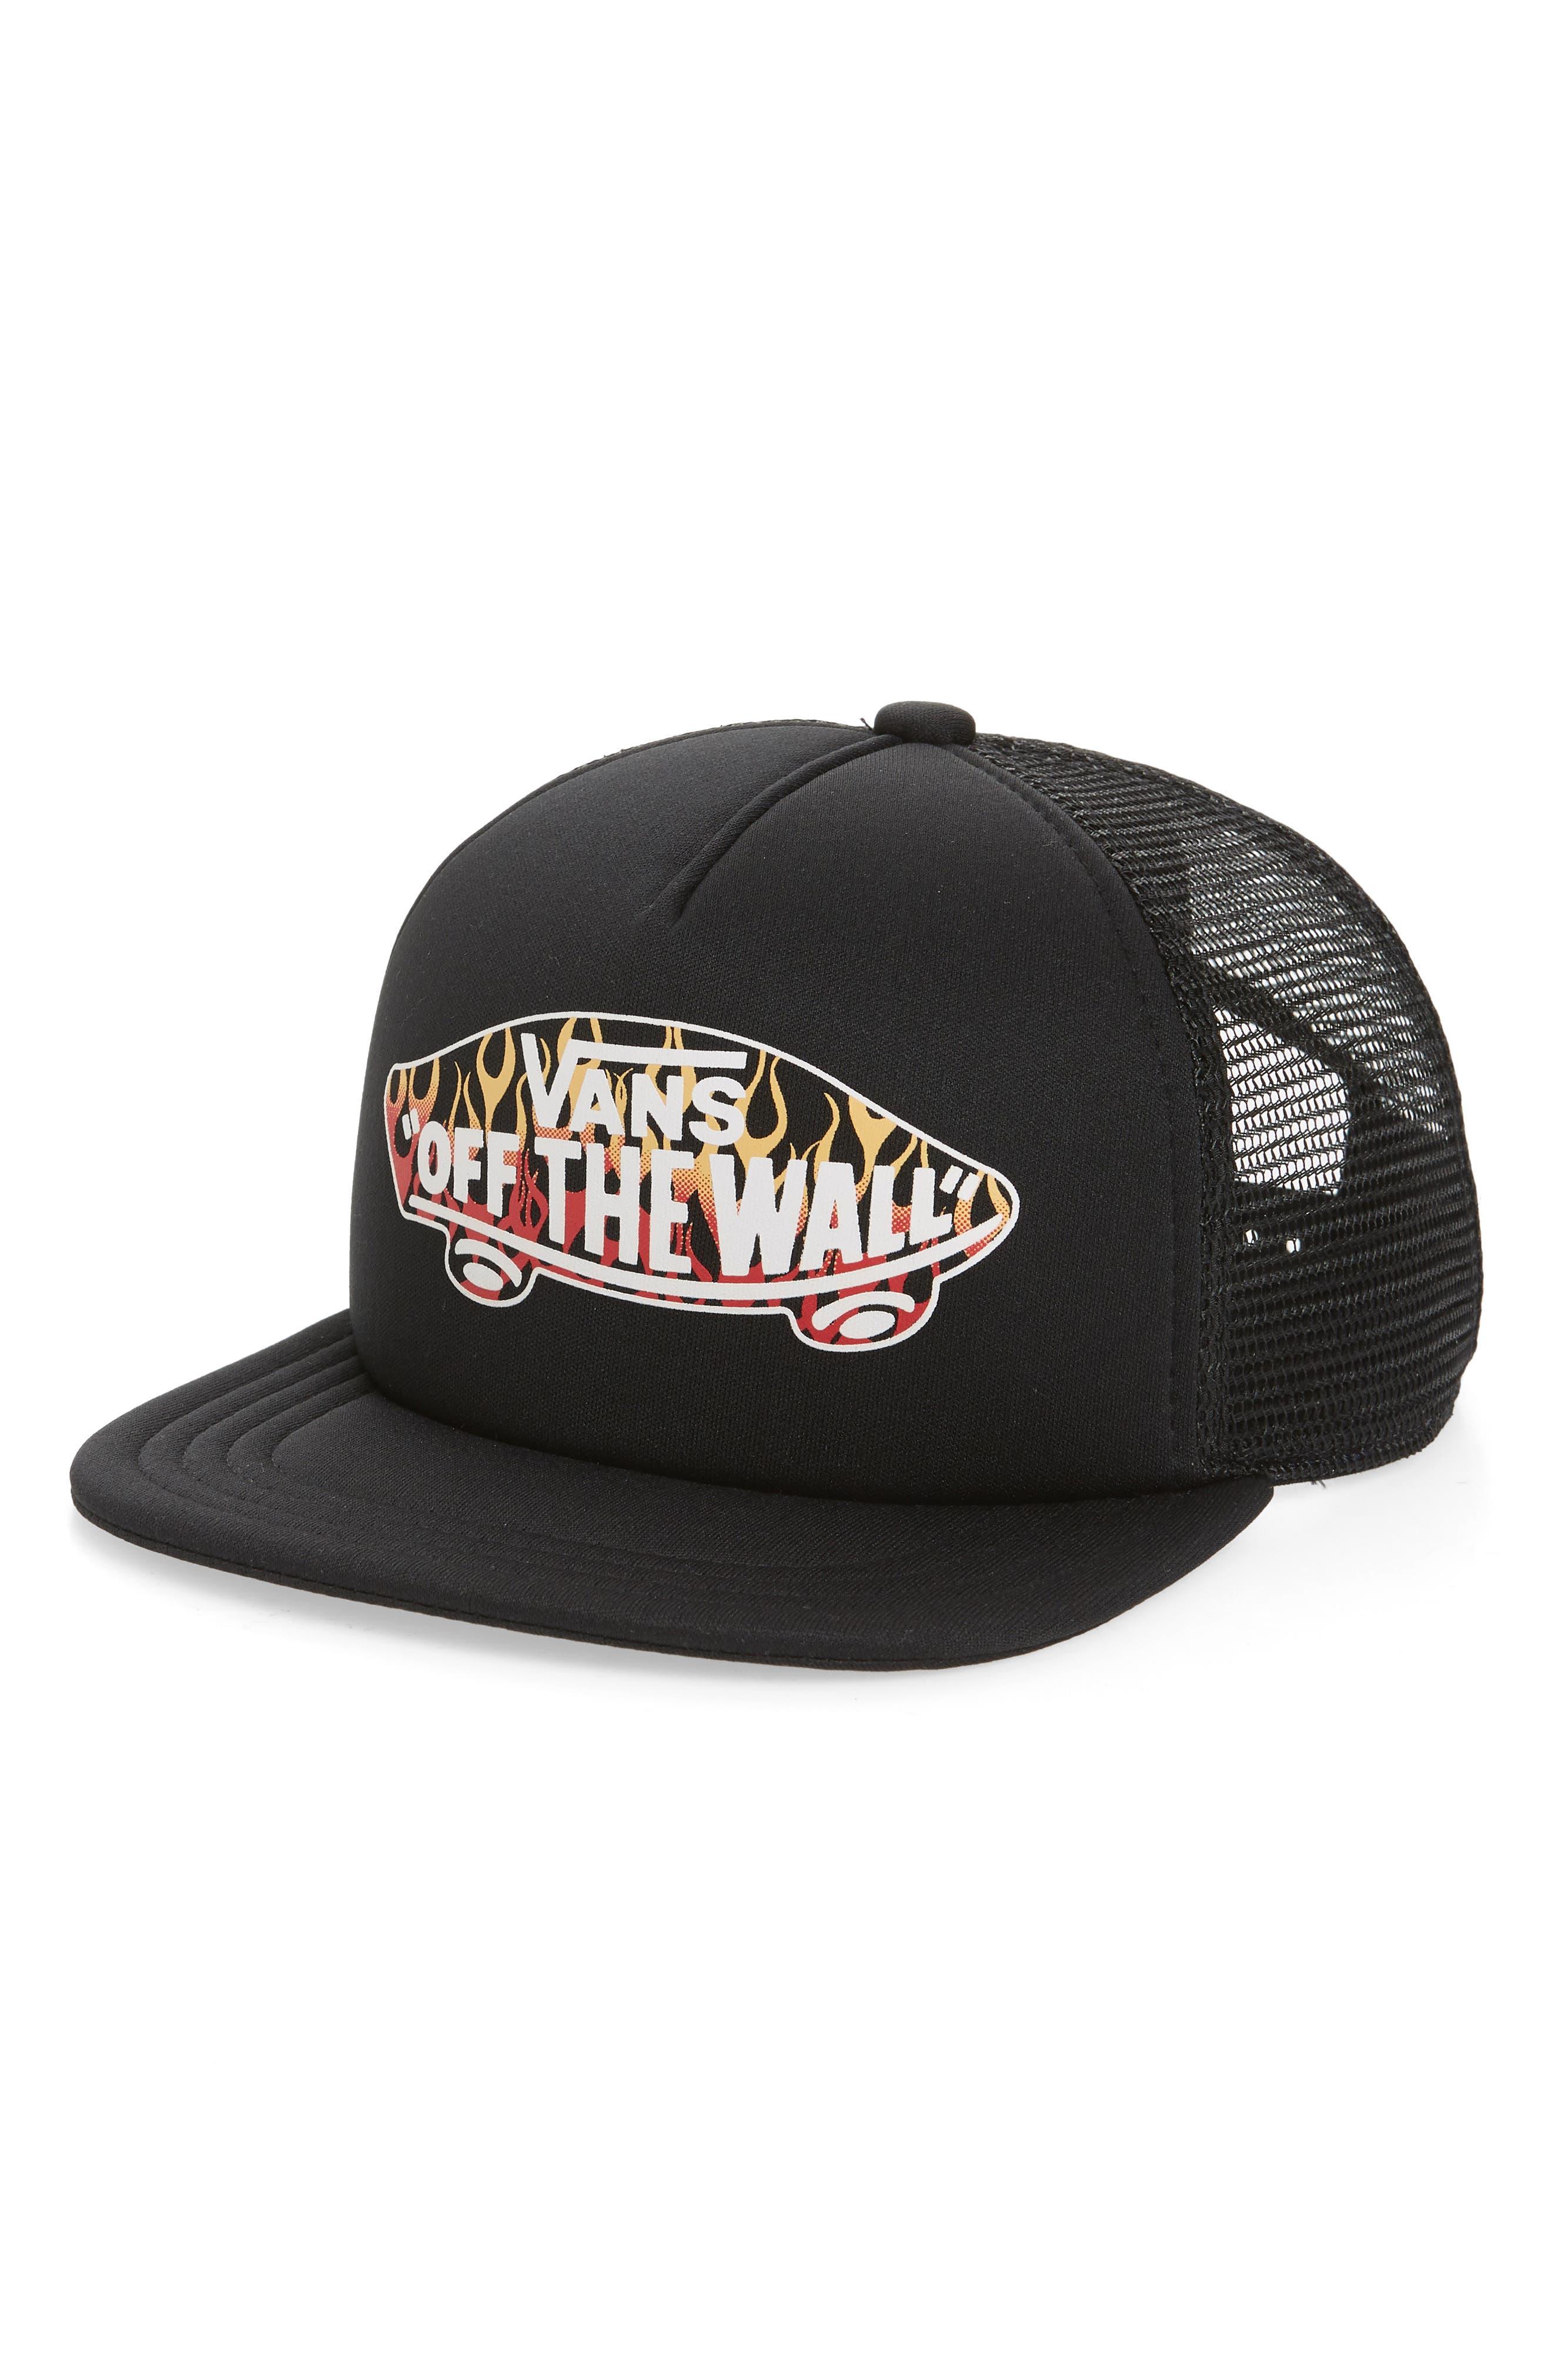 VANS Classic Logo Print Trucker Hat, Main, color, BLACK/ FLAMES